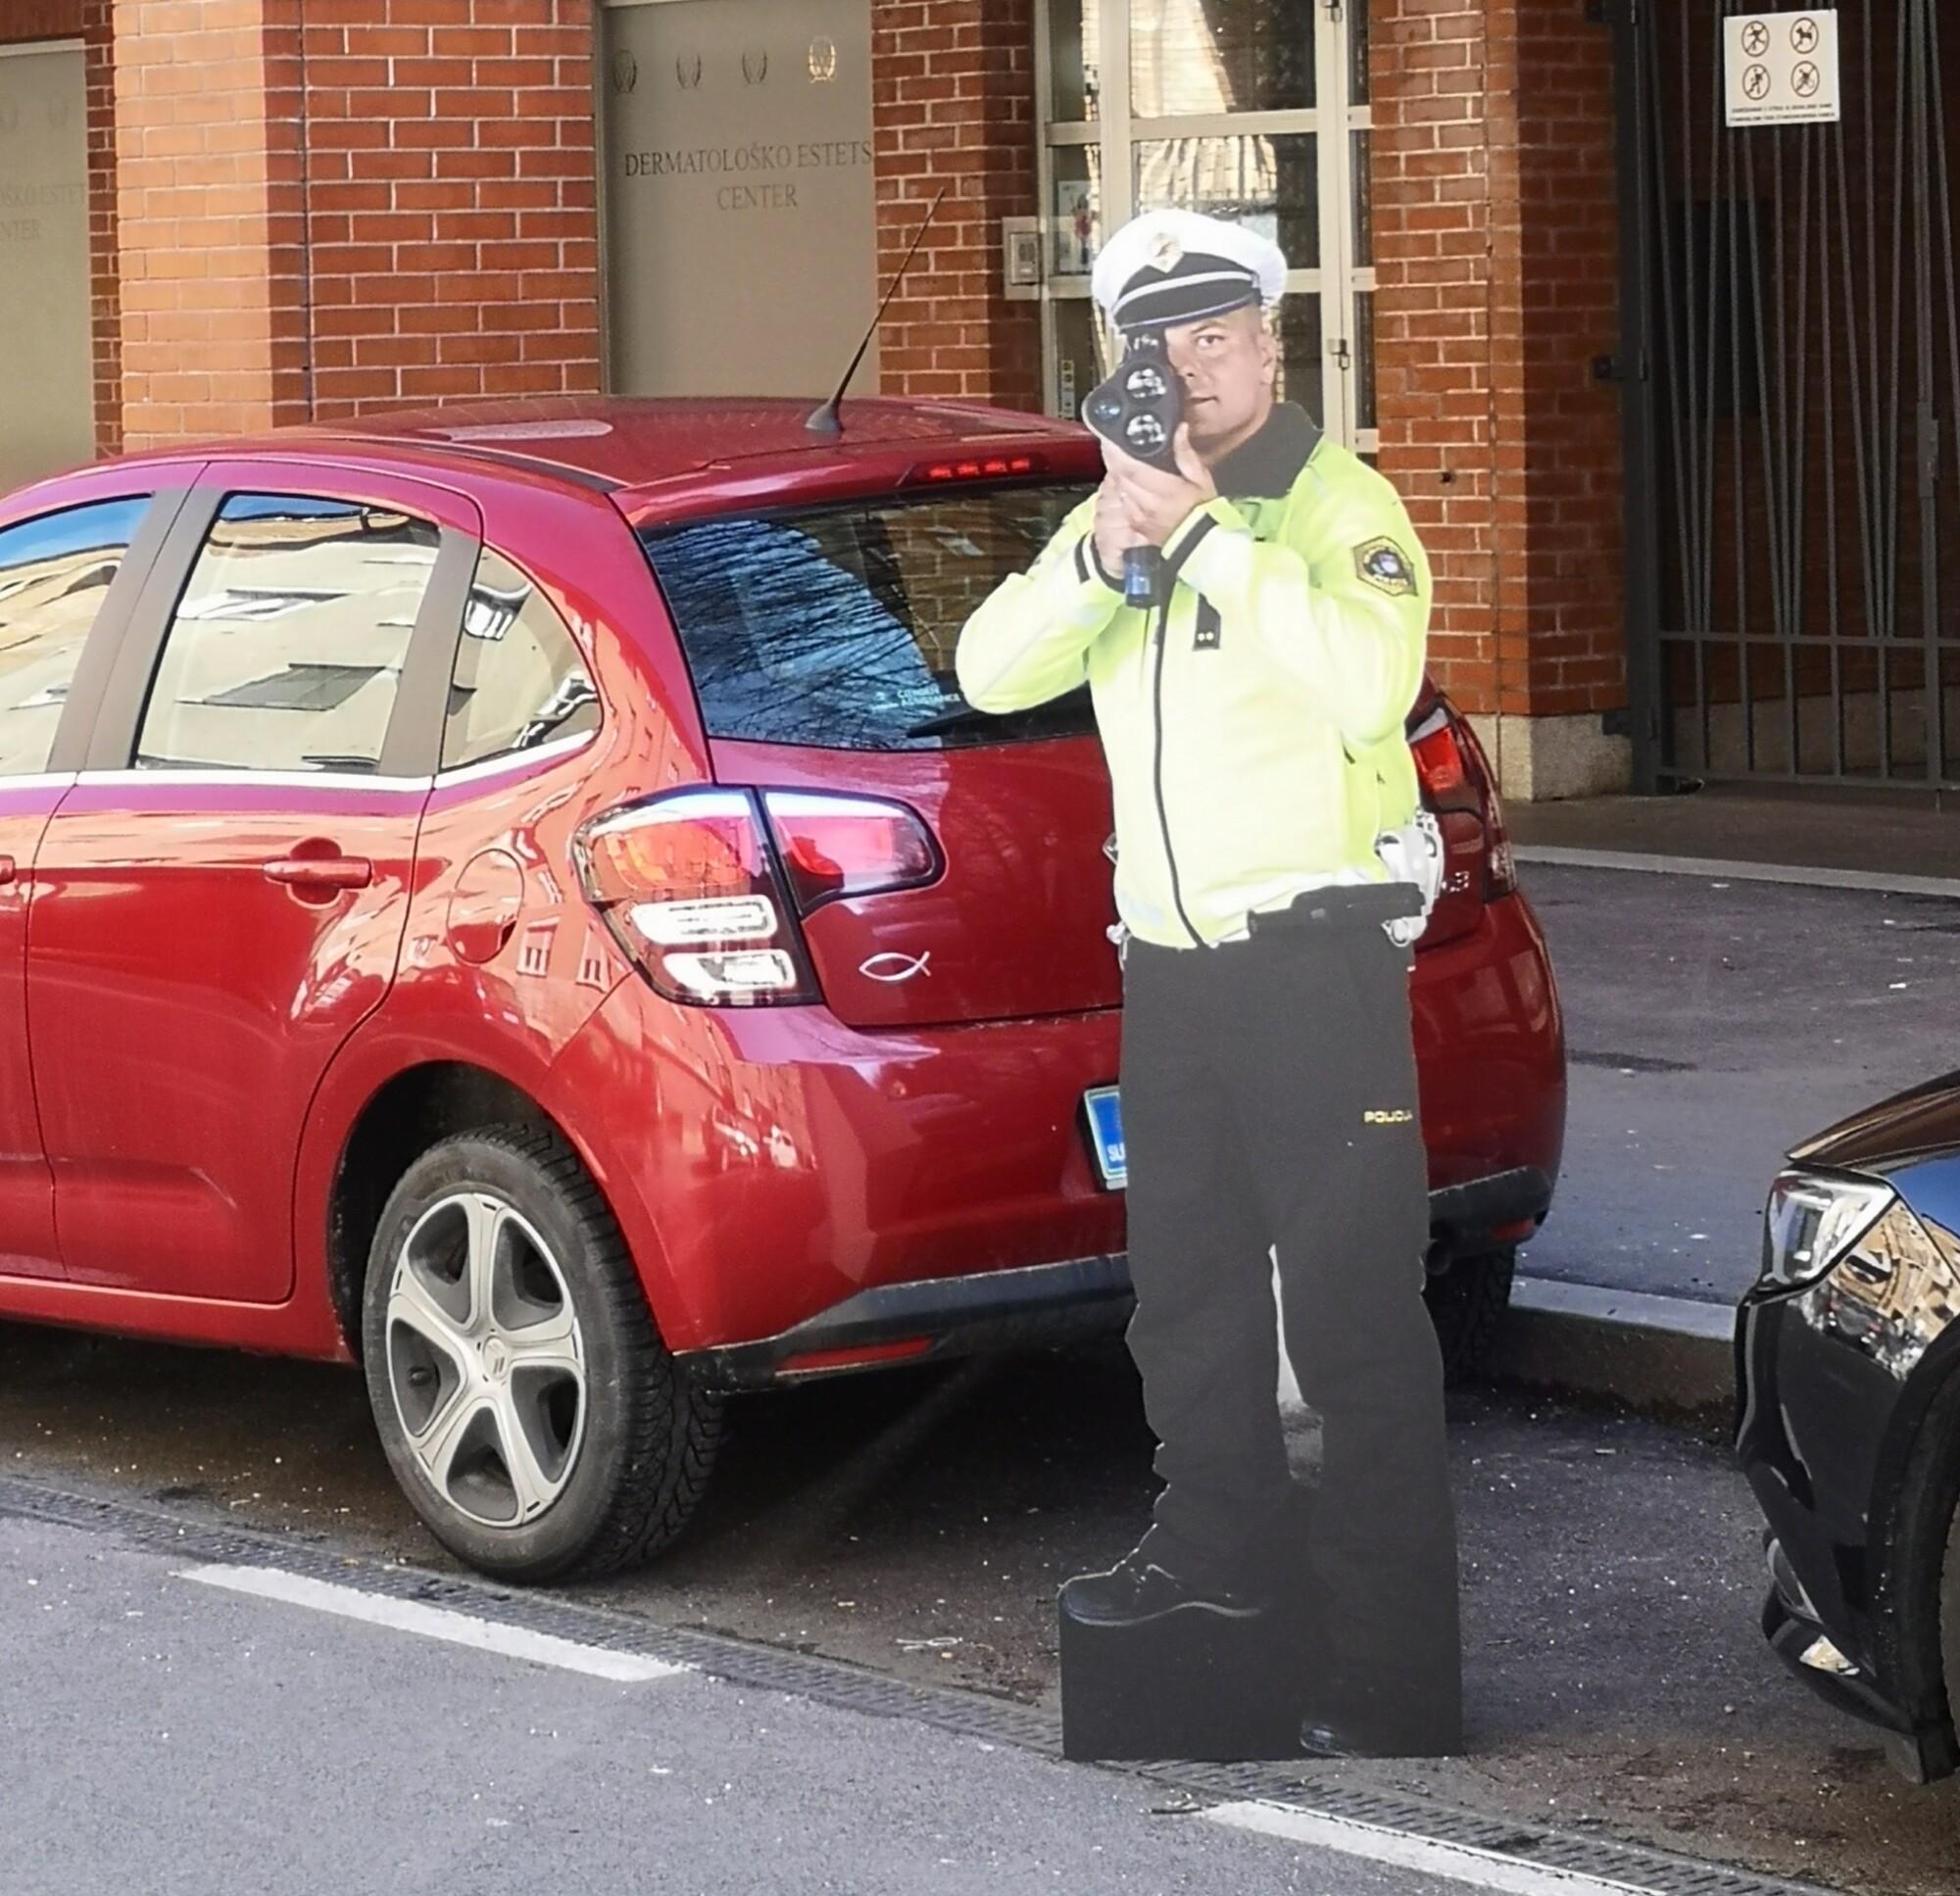 Postavitev silhuete na cesti